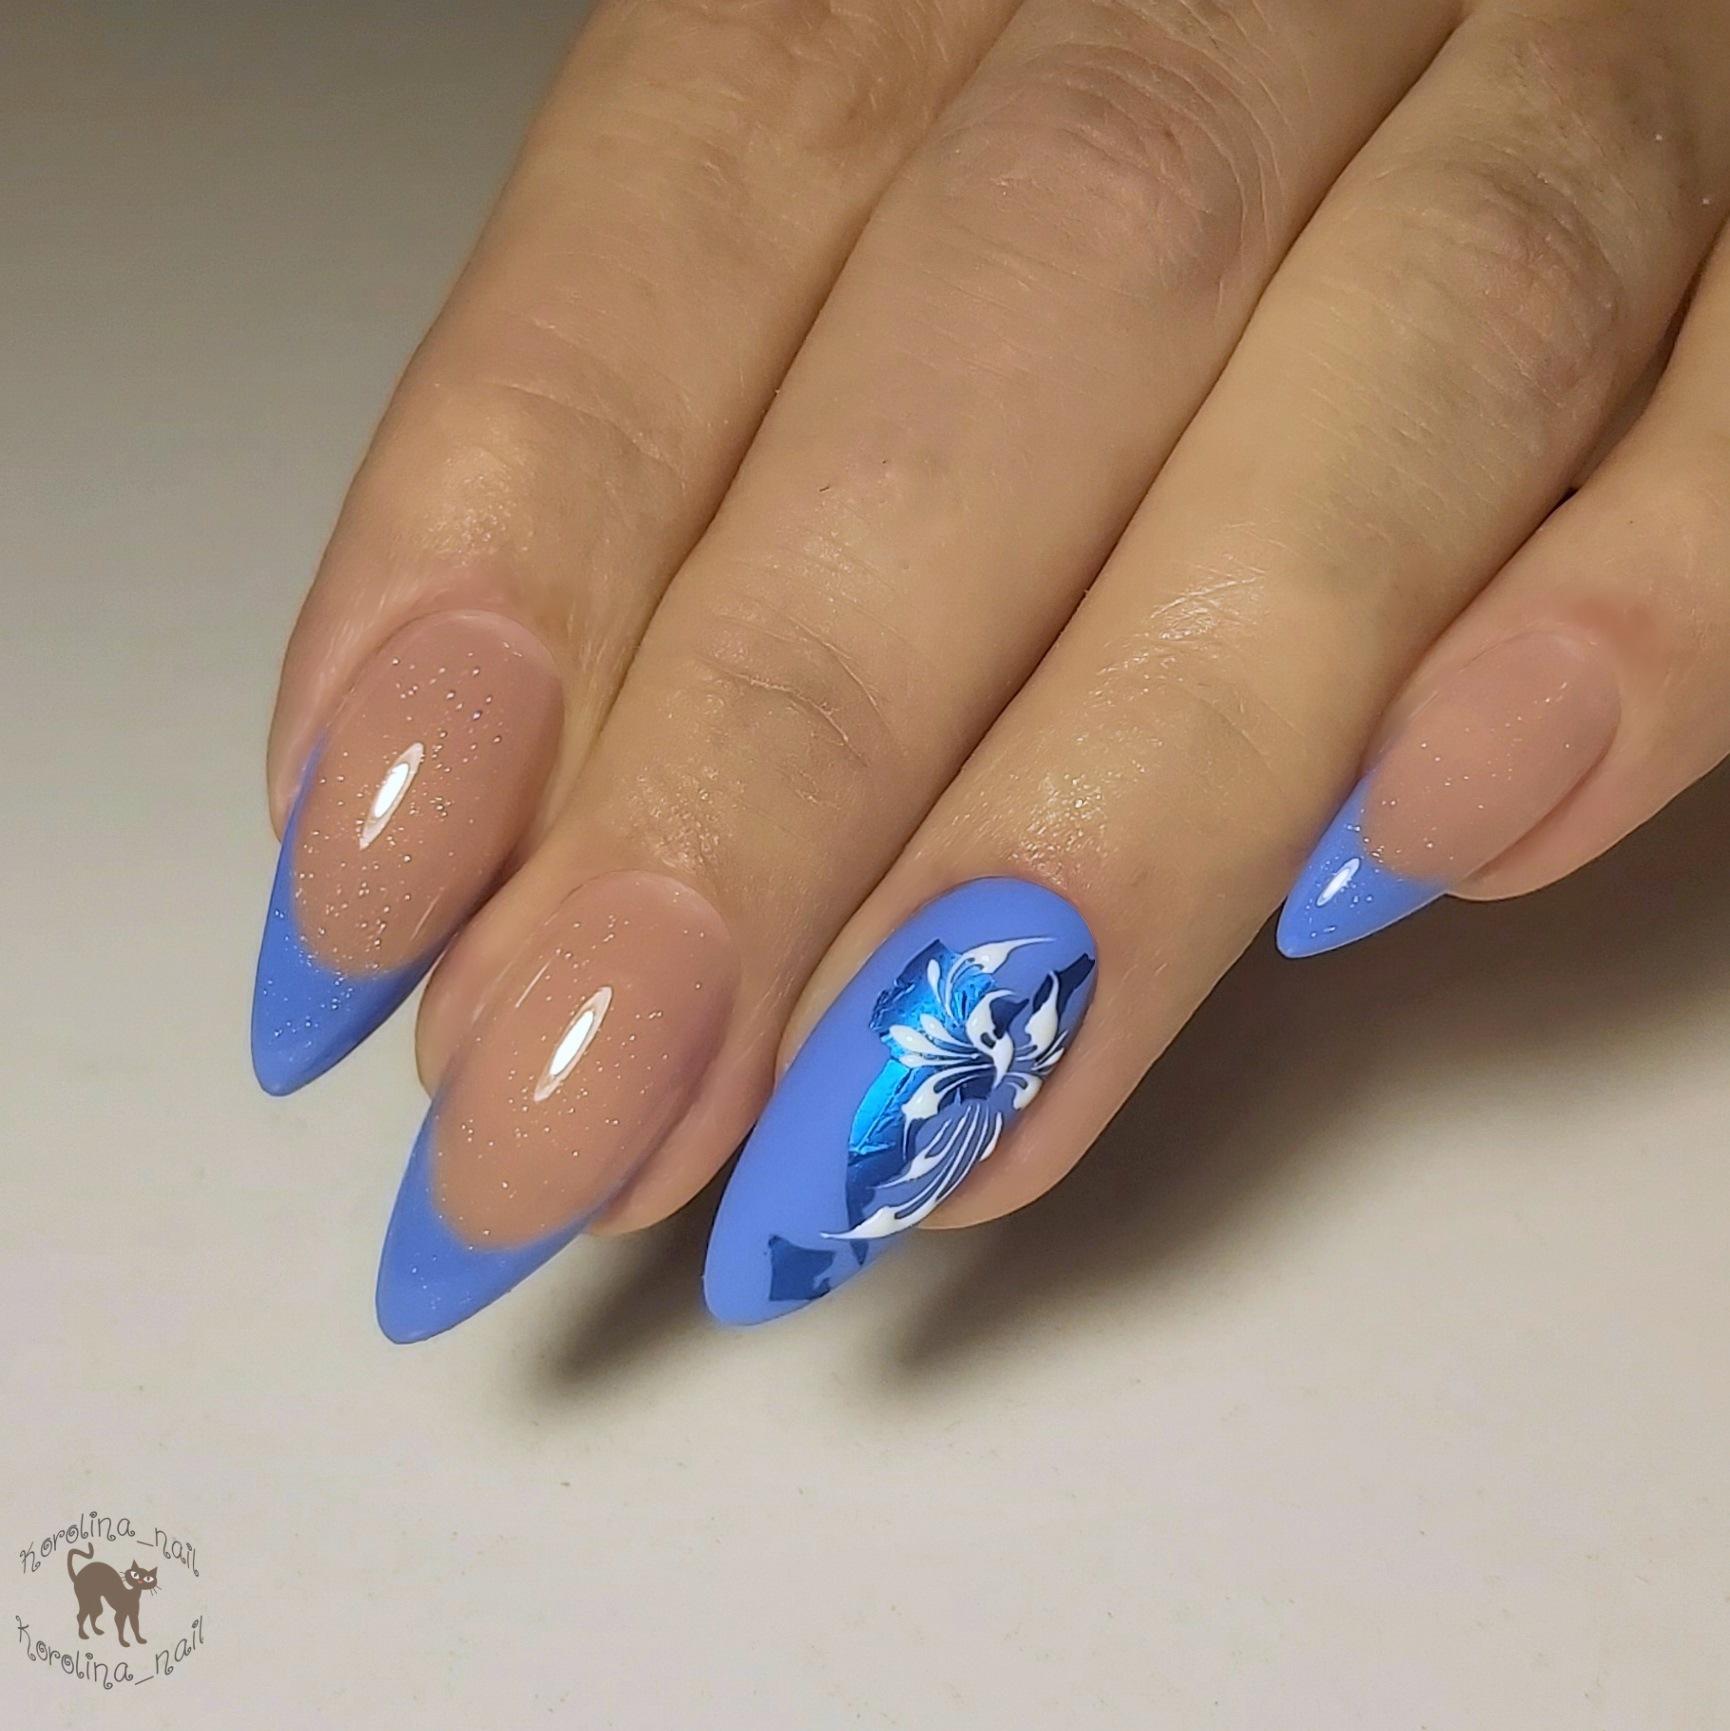 Френч с цветочным рисунком в голубом цвете на длинные ногти.